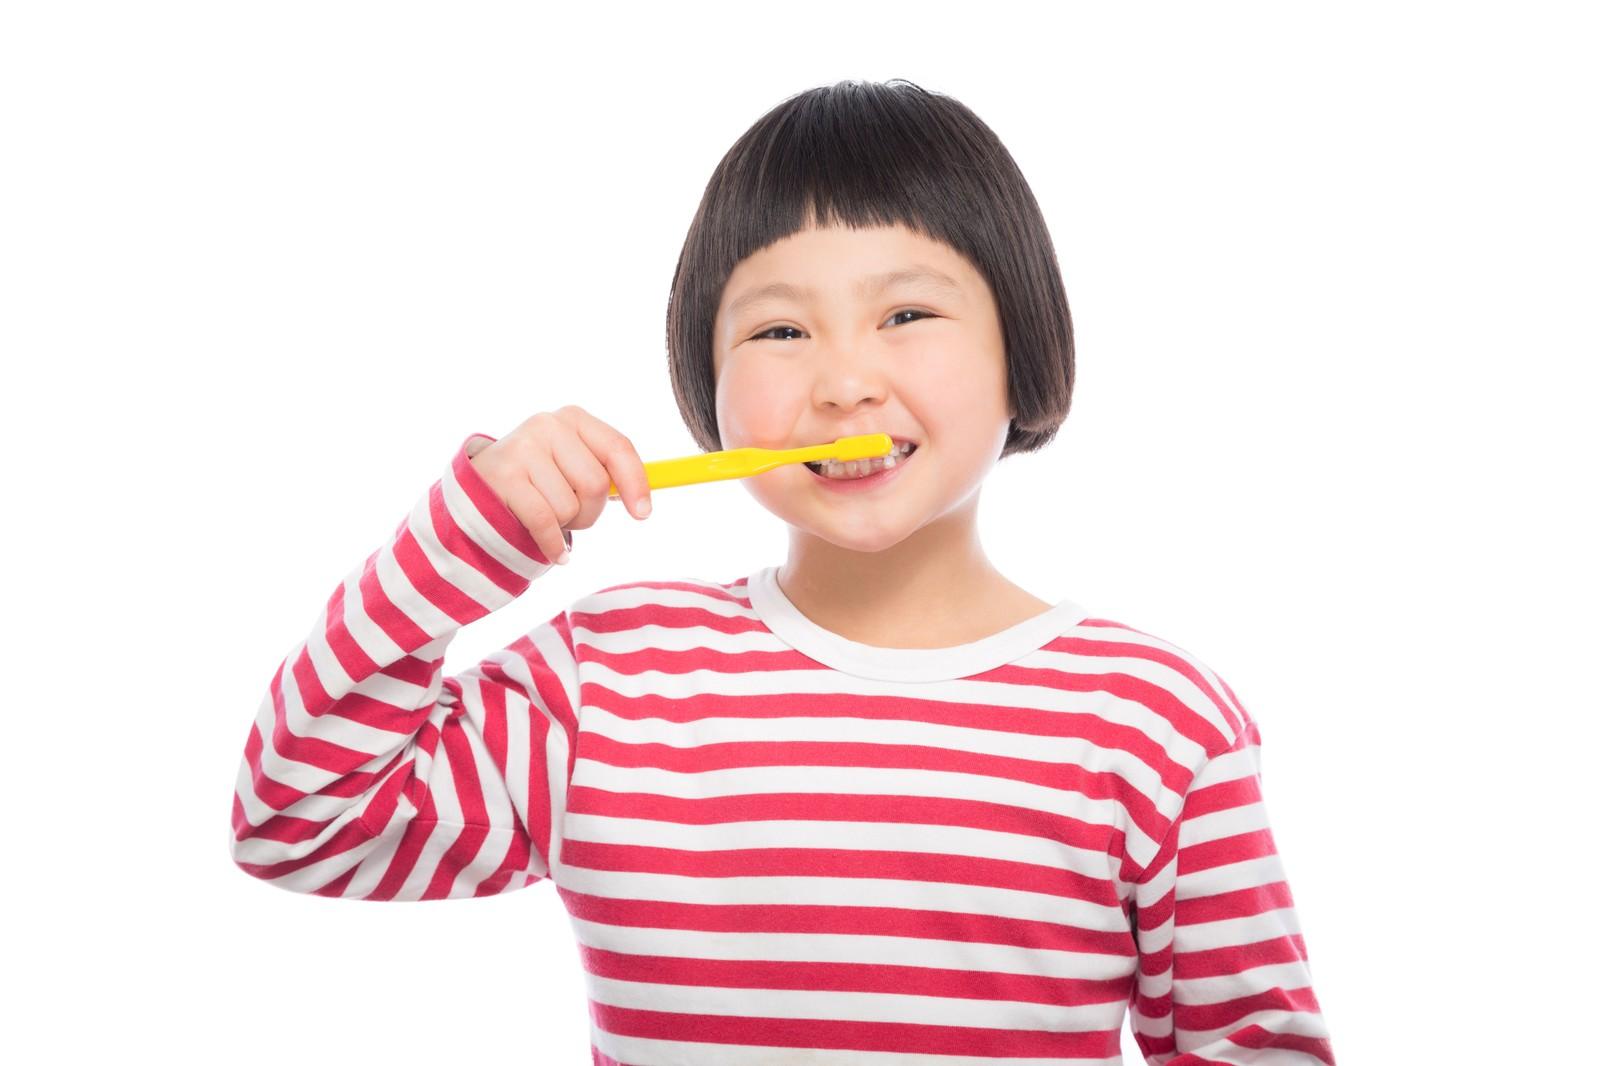 デンタルフロスを使ってみませんか?歯の健康に必須らしいので毎日使っています。